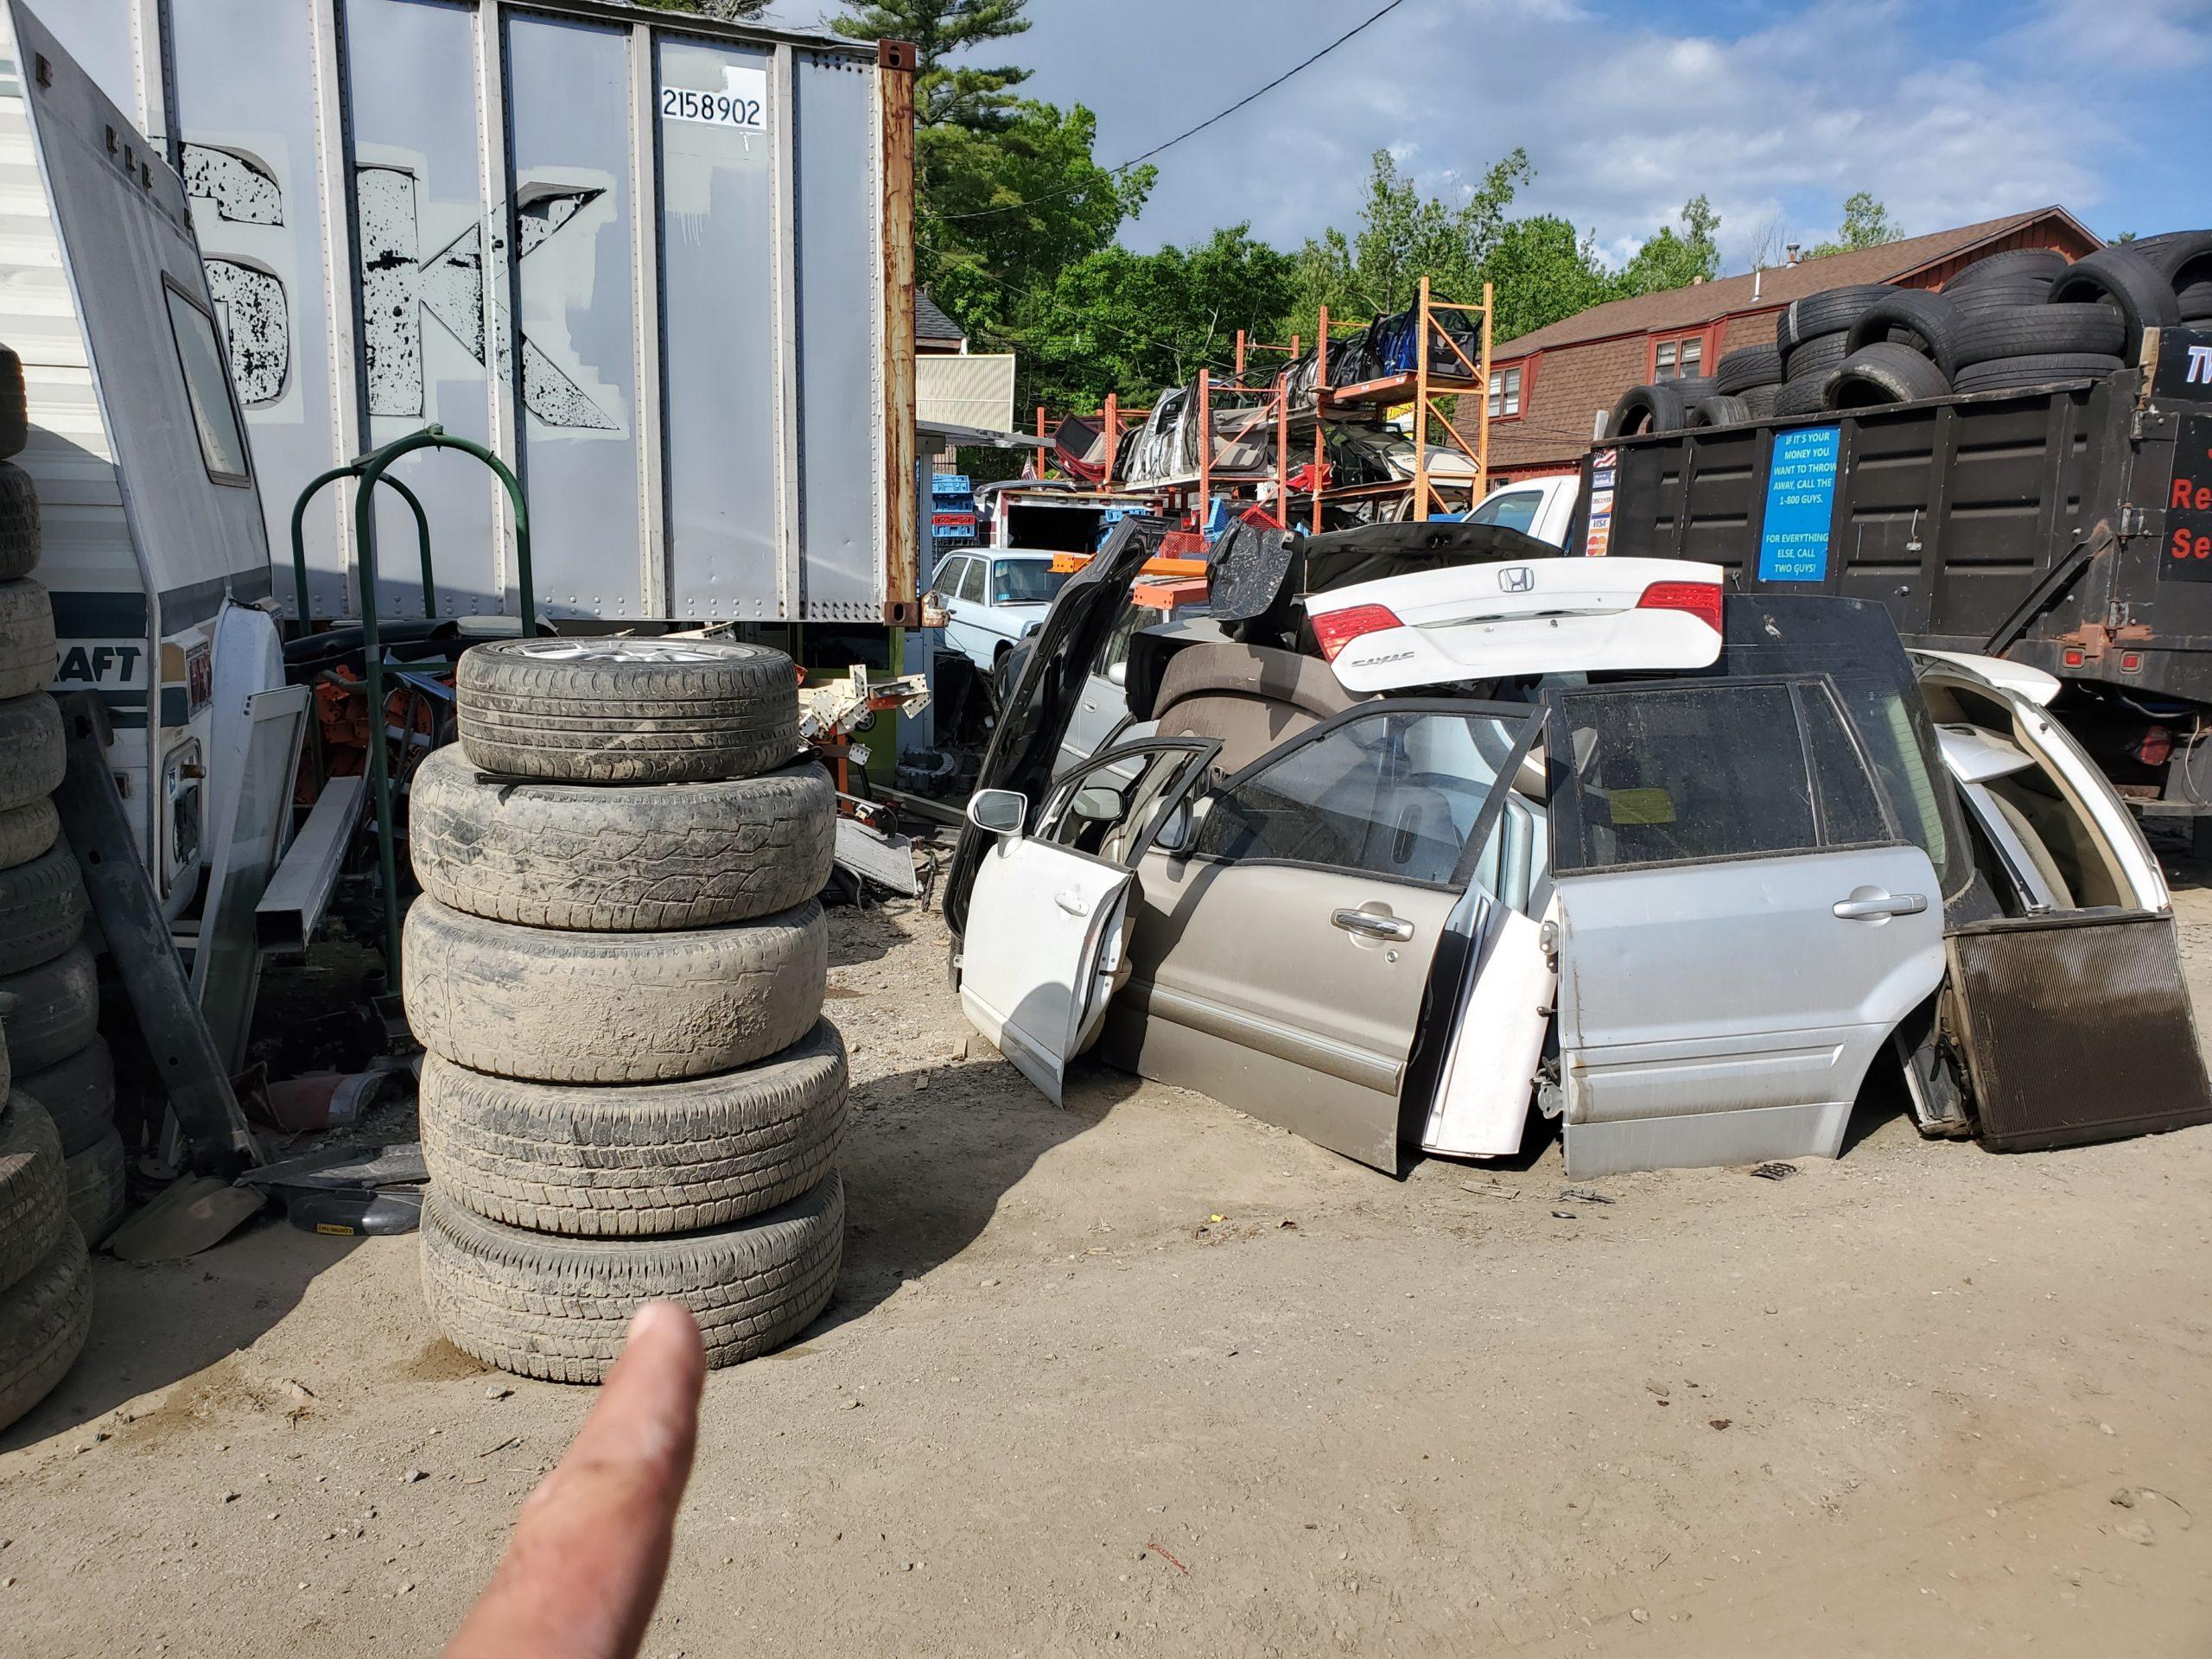 Scrap vehicle near Lynnfield MA